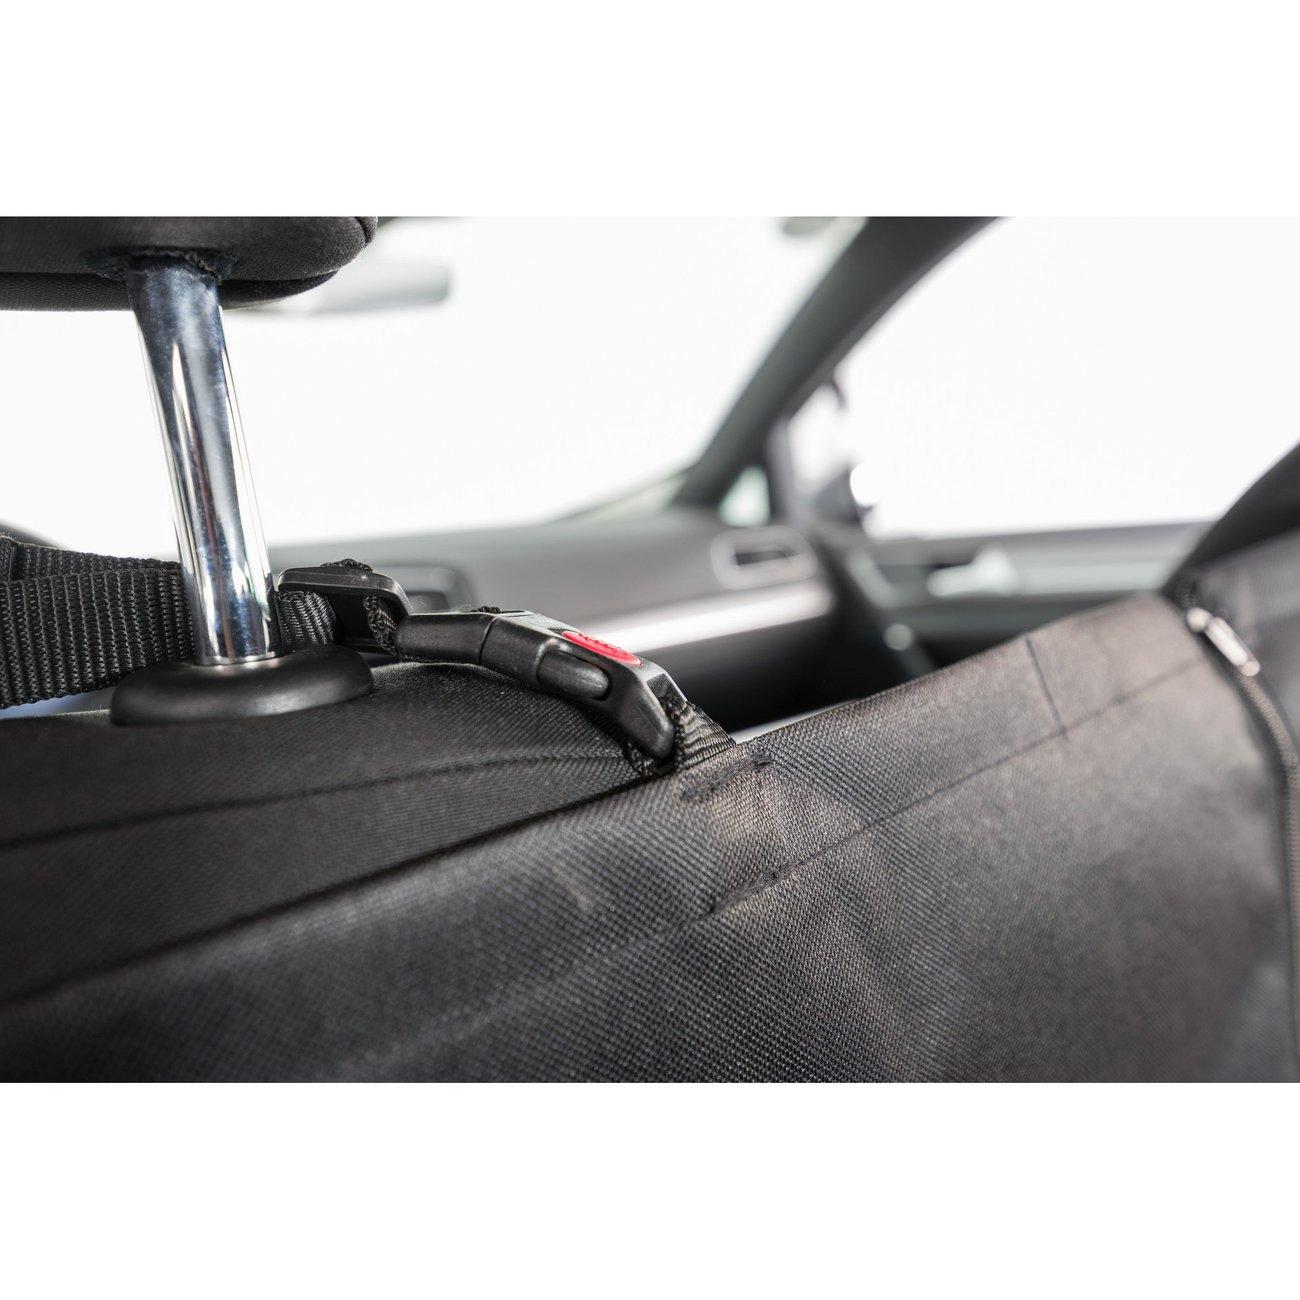 Auto Hundedecke mit Seitenteilen für Rücksitz Bild 11